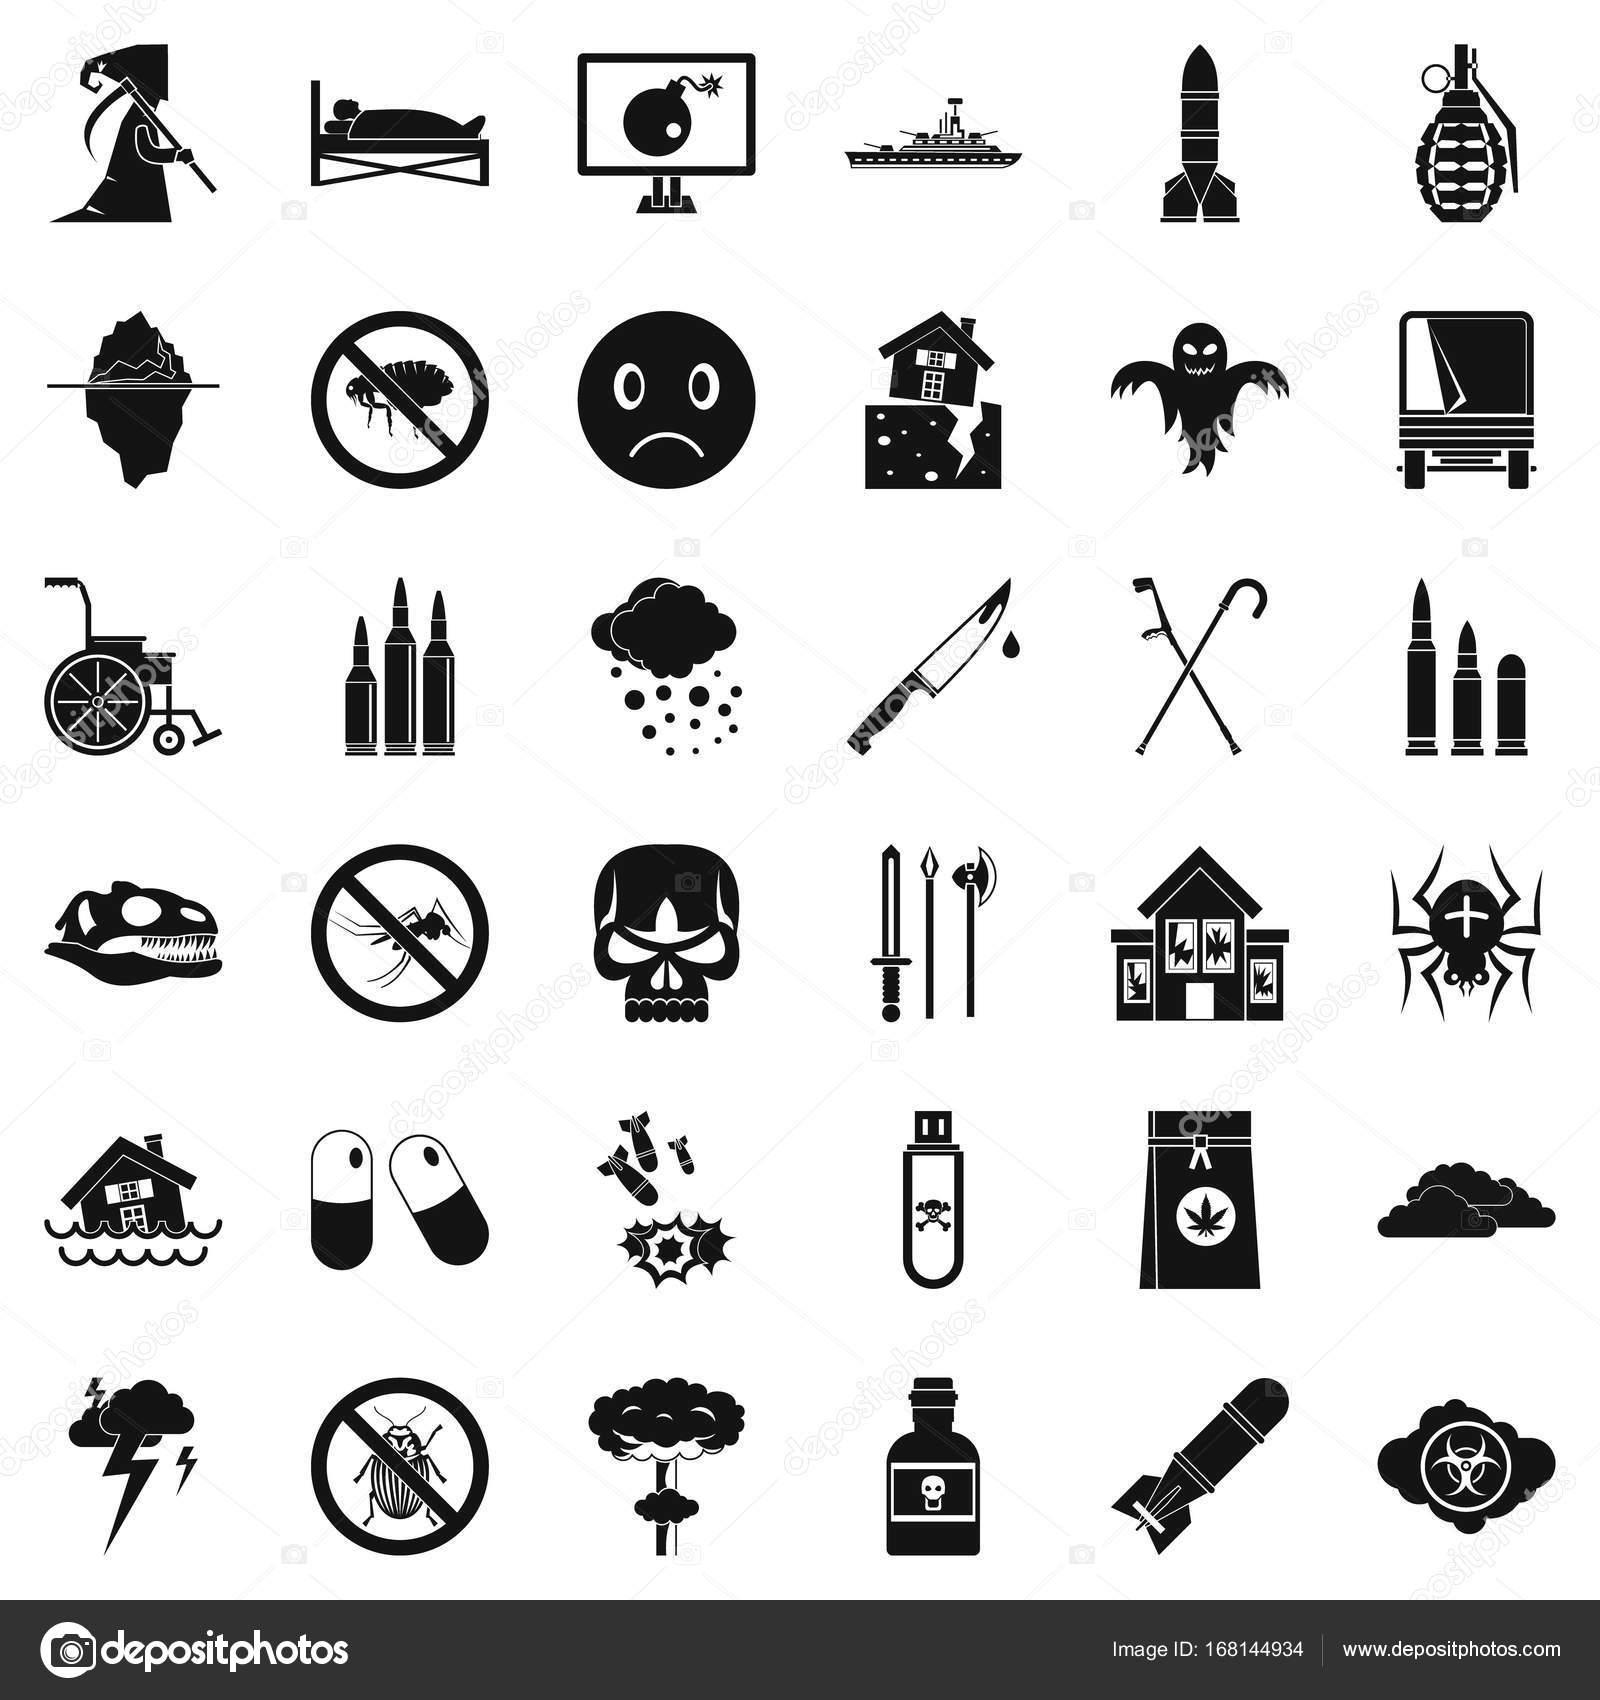 Berühmt Symbole Für Spannung Fotos - Die Besten Elektrischen ...